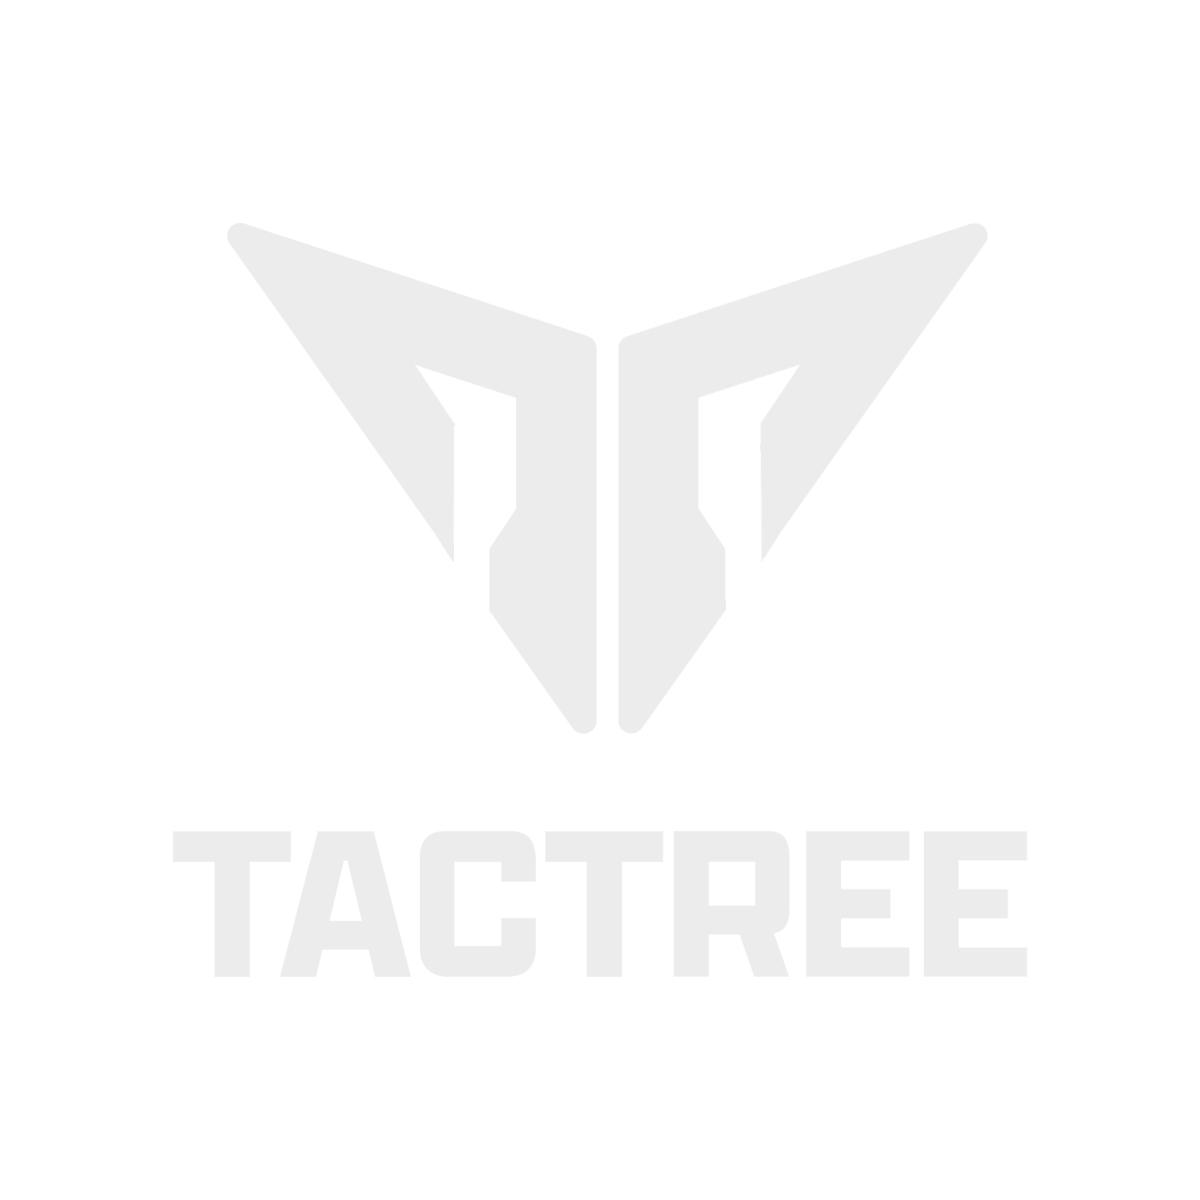 5.11 Taclite PDU Trousers